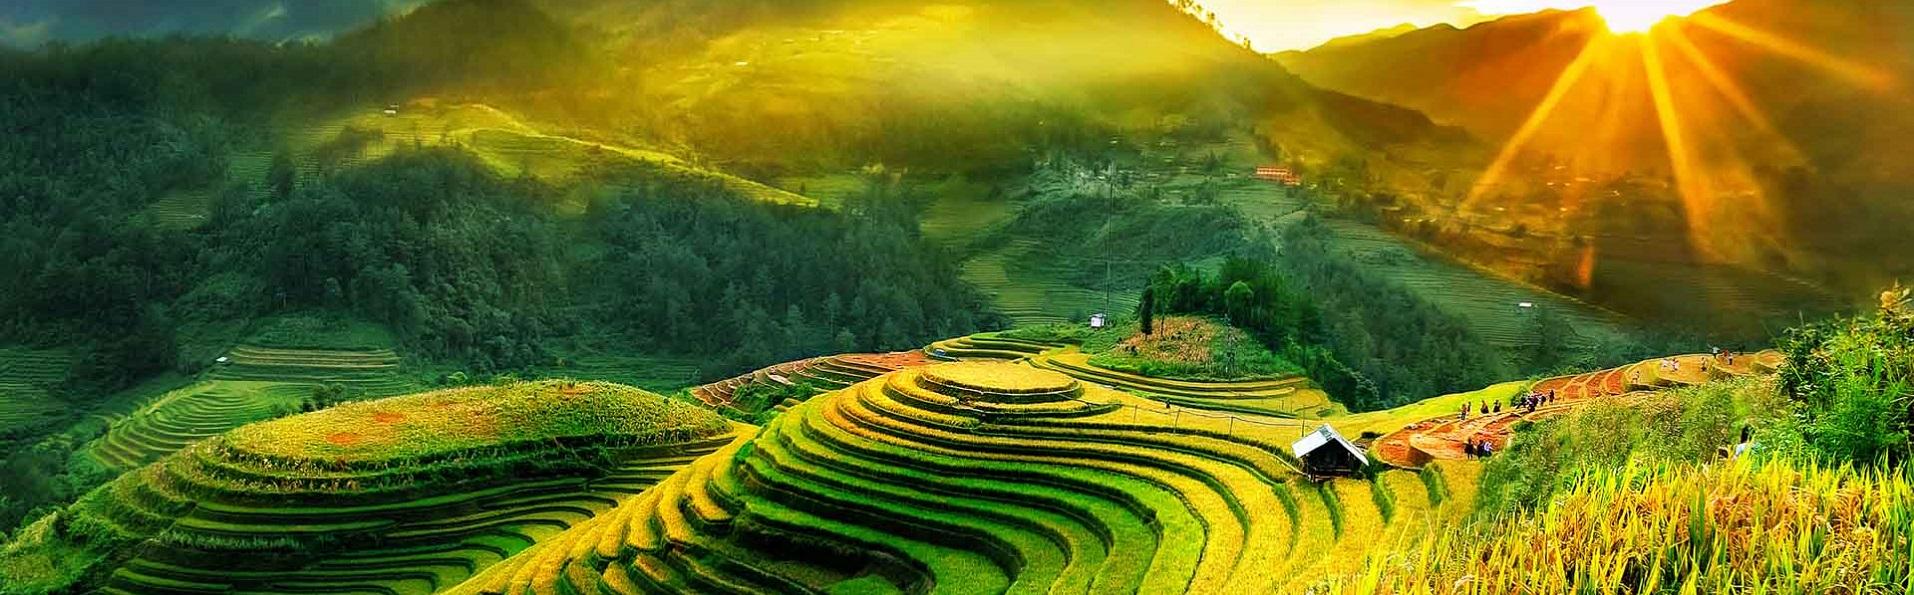 Agence locale, spécialiste de voyages luxurieux d'exception au Vietnam